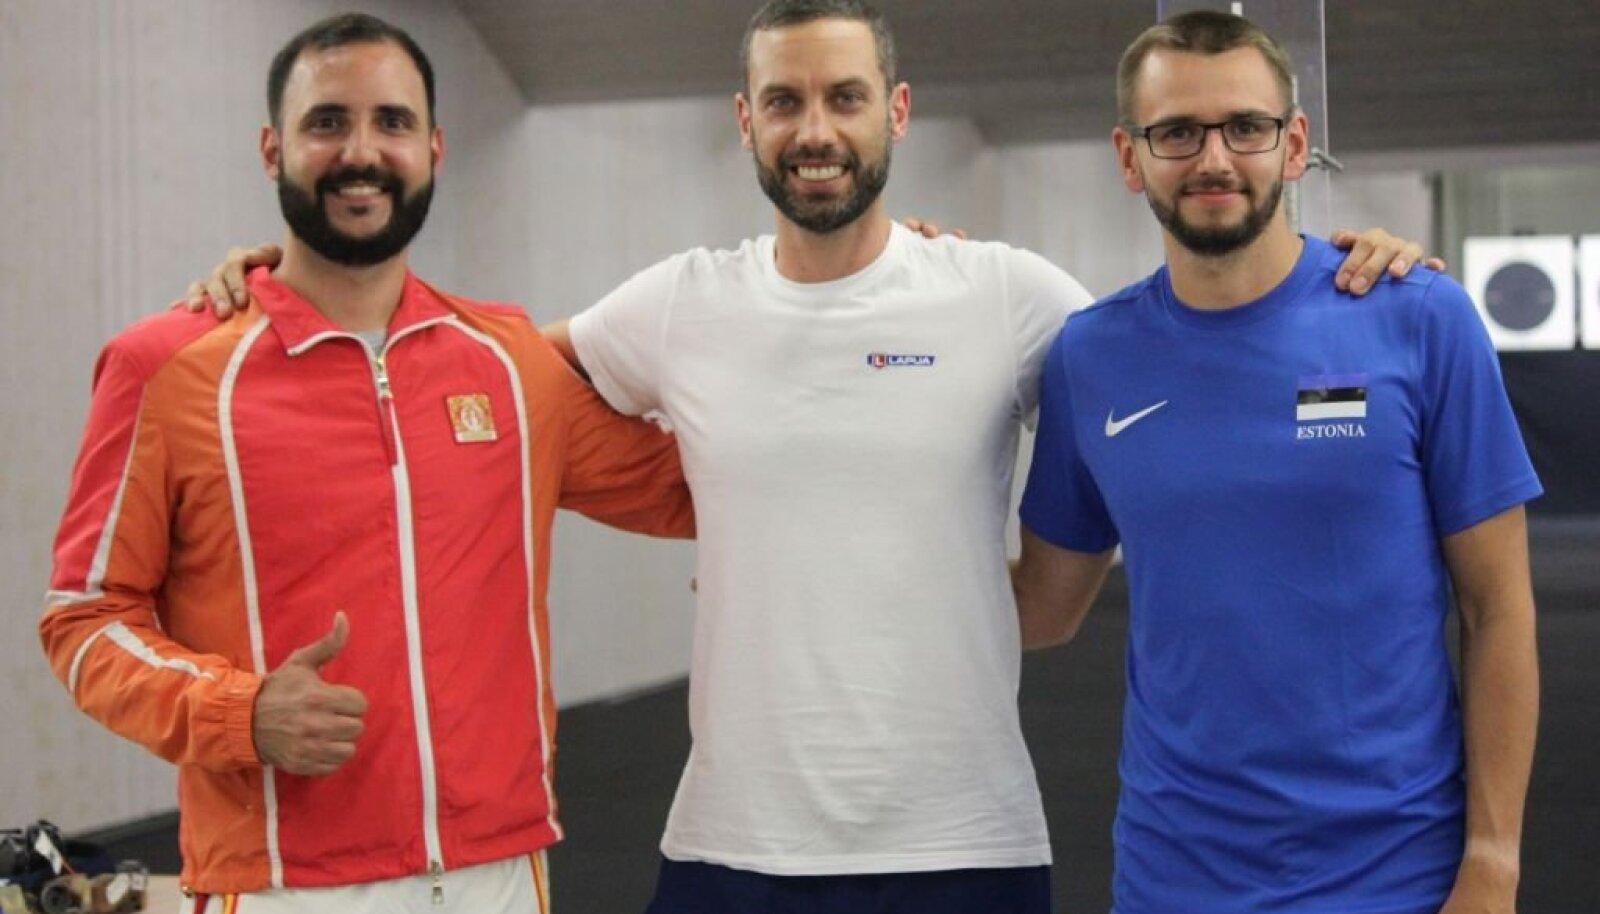 Medalikolmik Ruslan Lunev, Riccardo Mazzetti, Peeter Olesk.